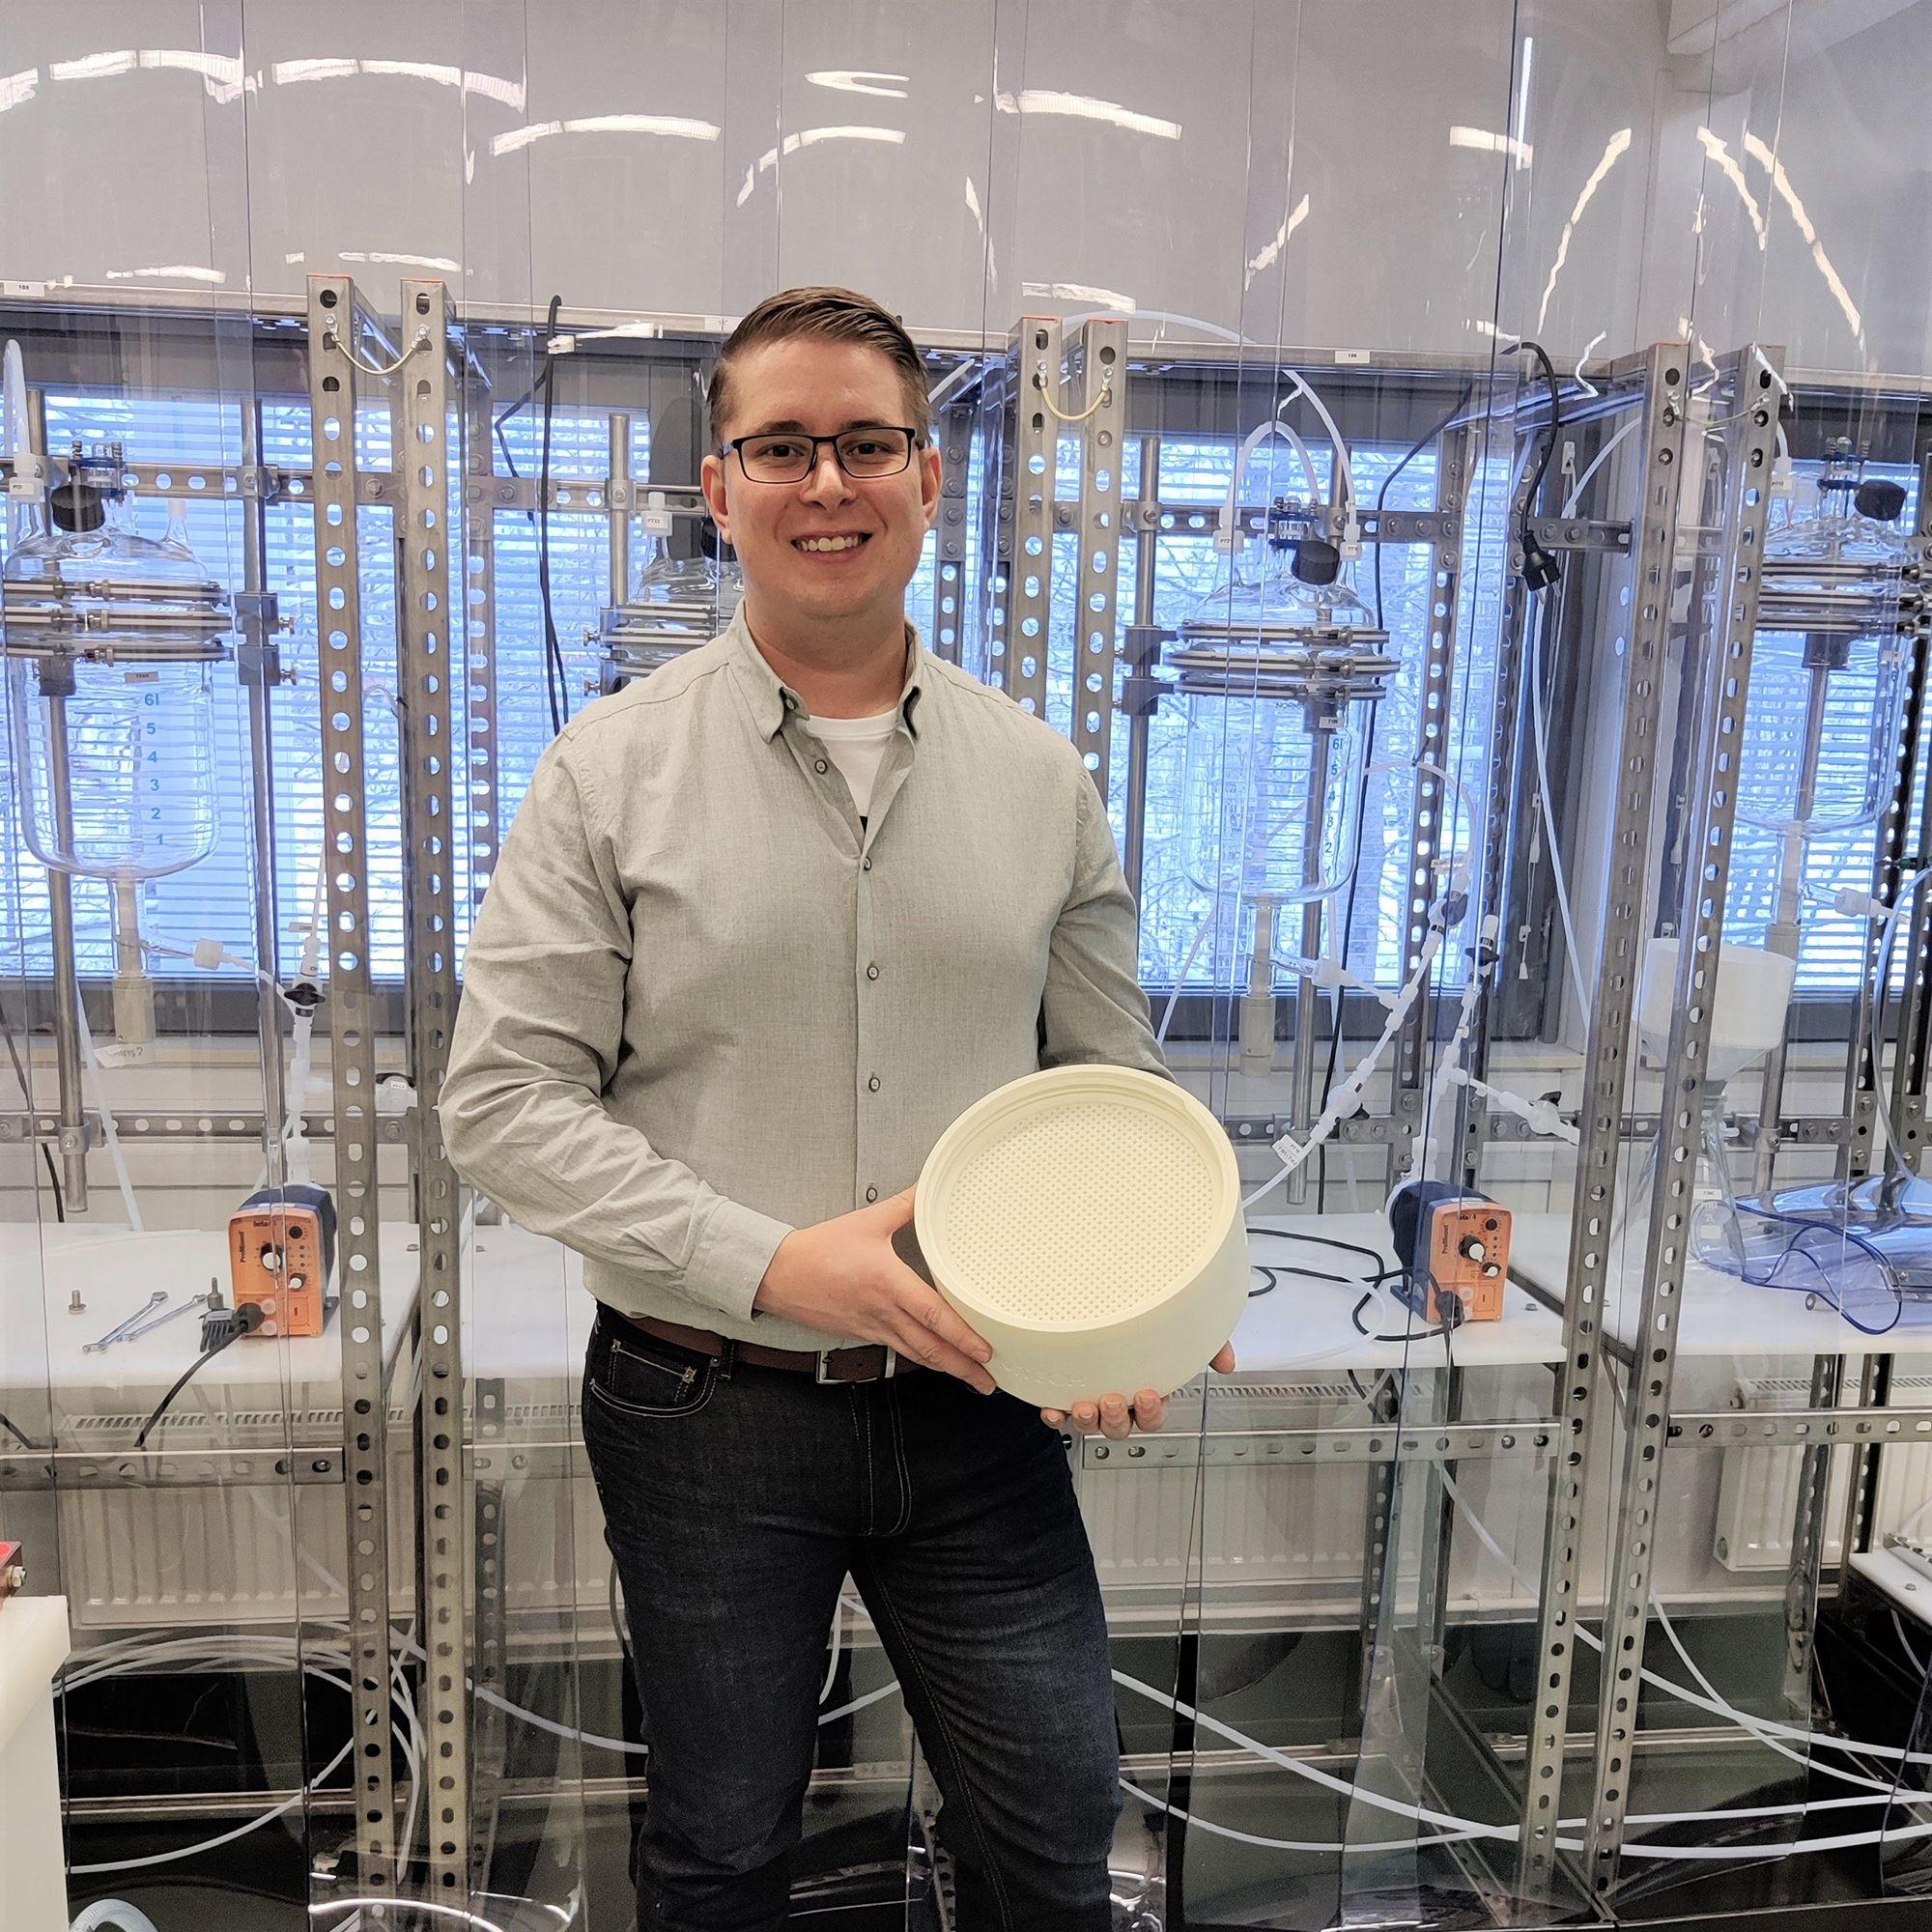 Elmeri Lahtinen in a Weeefiner lab